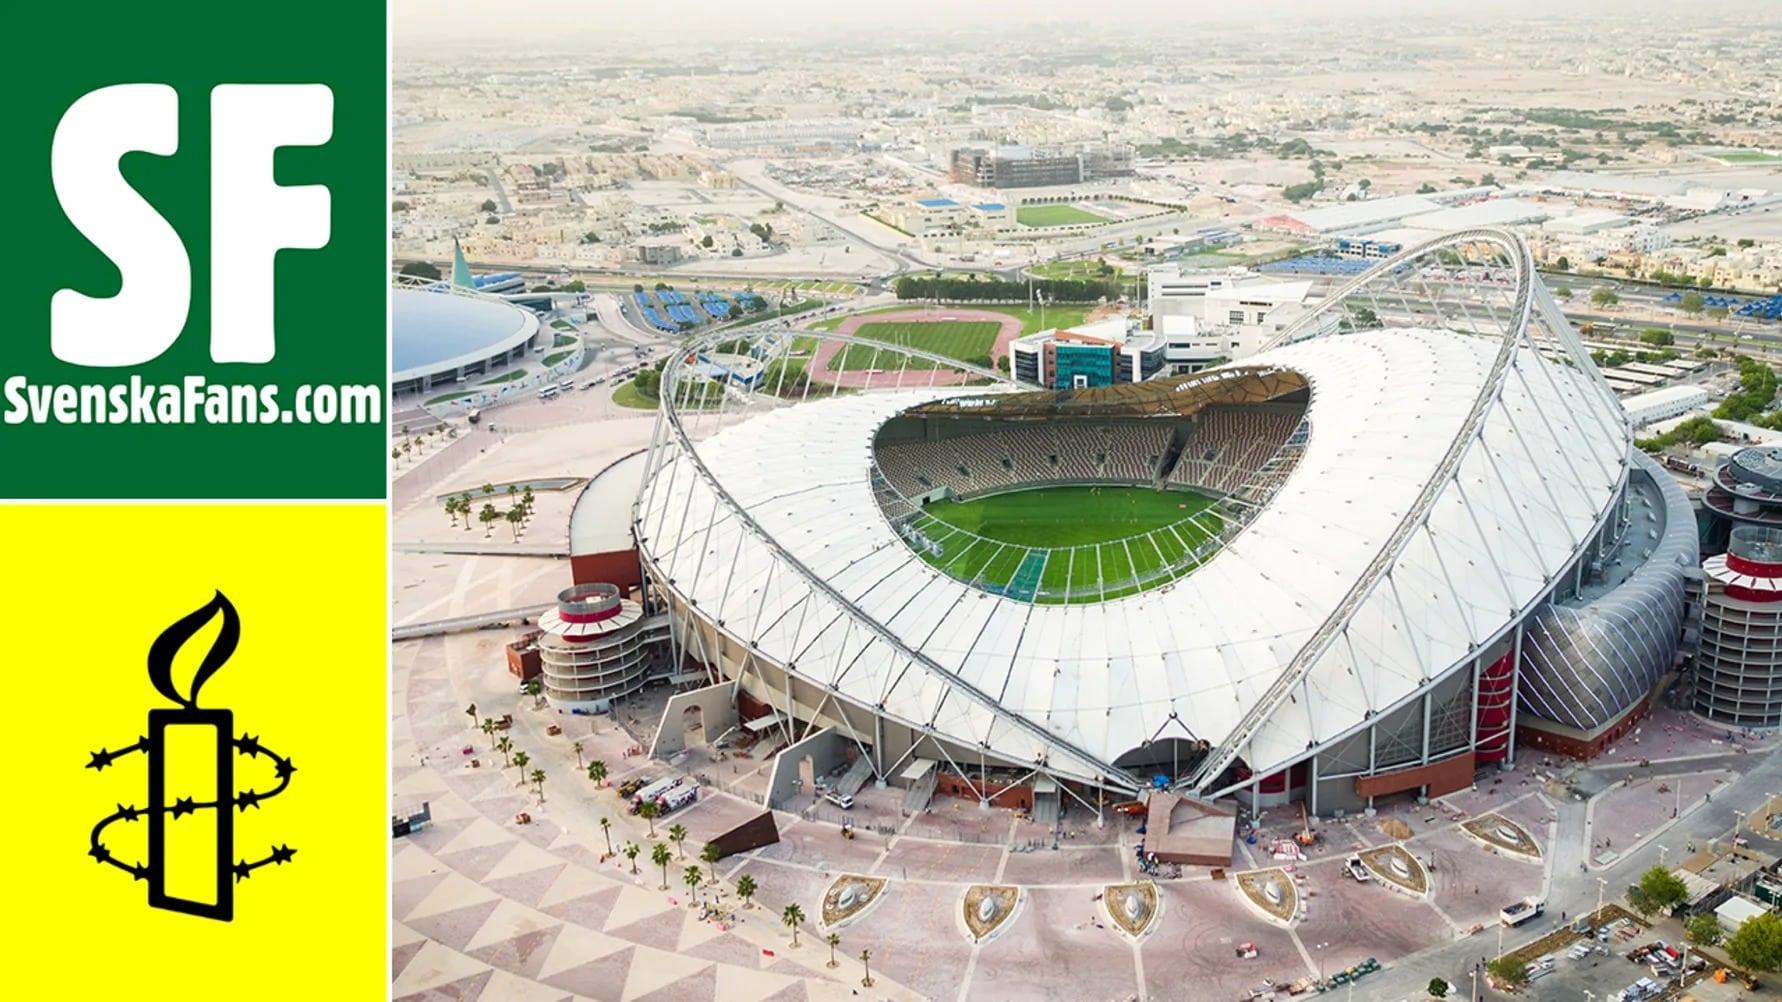 Svenskafans Amnesty Qatar 2022